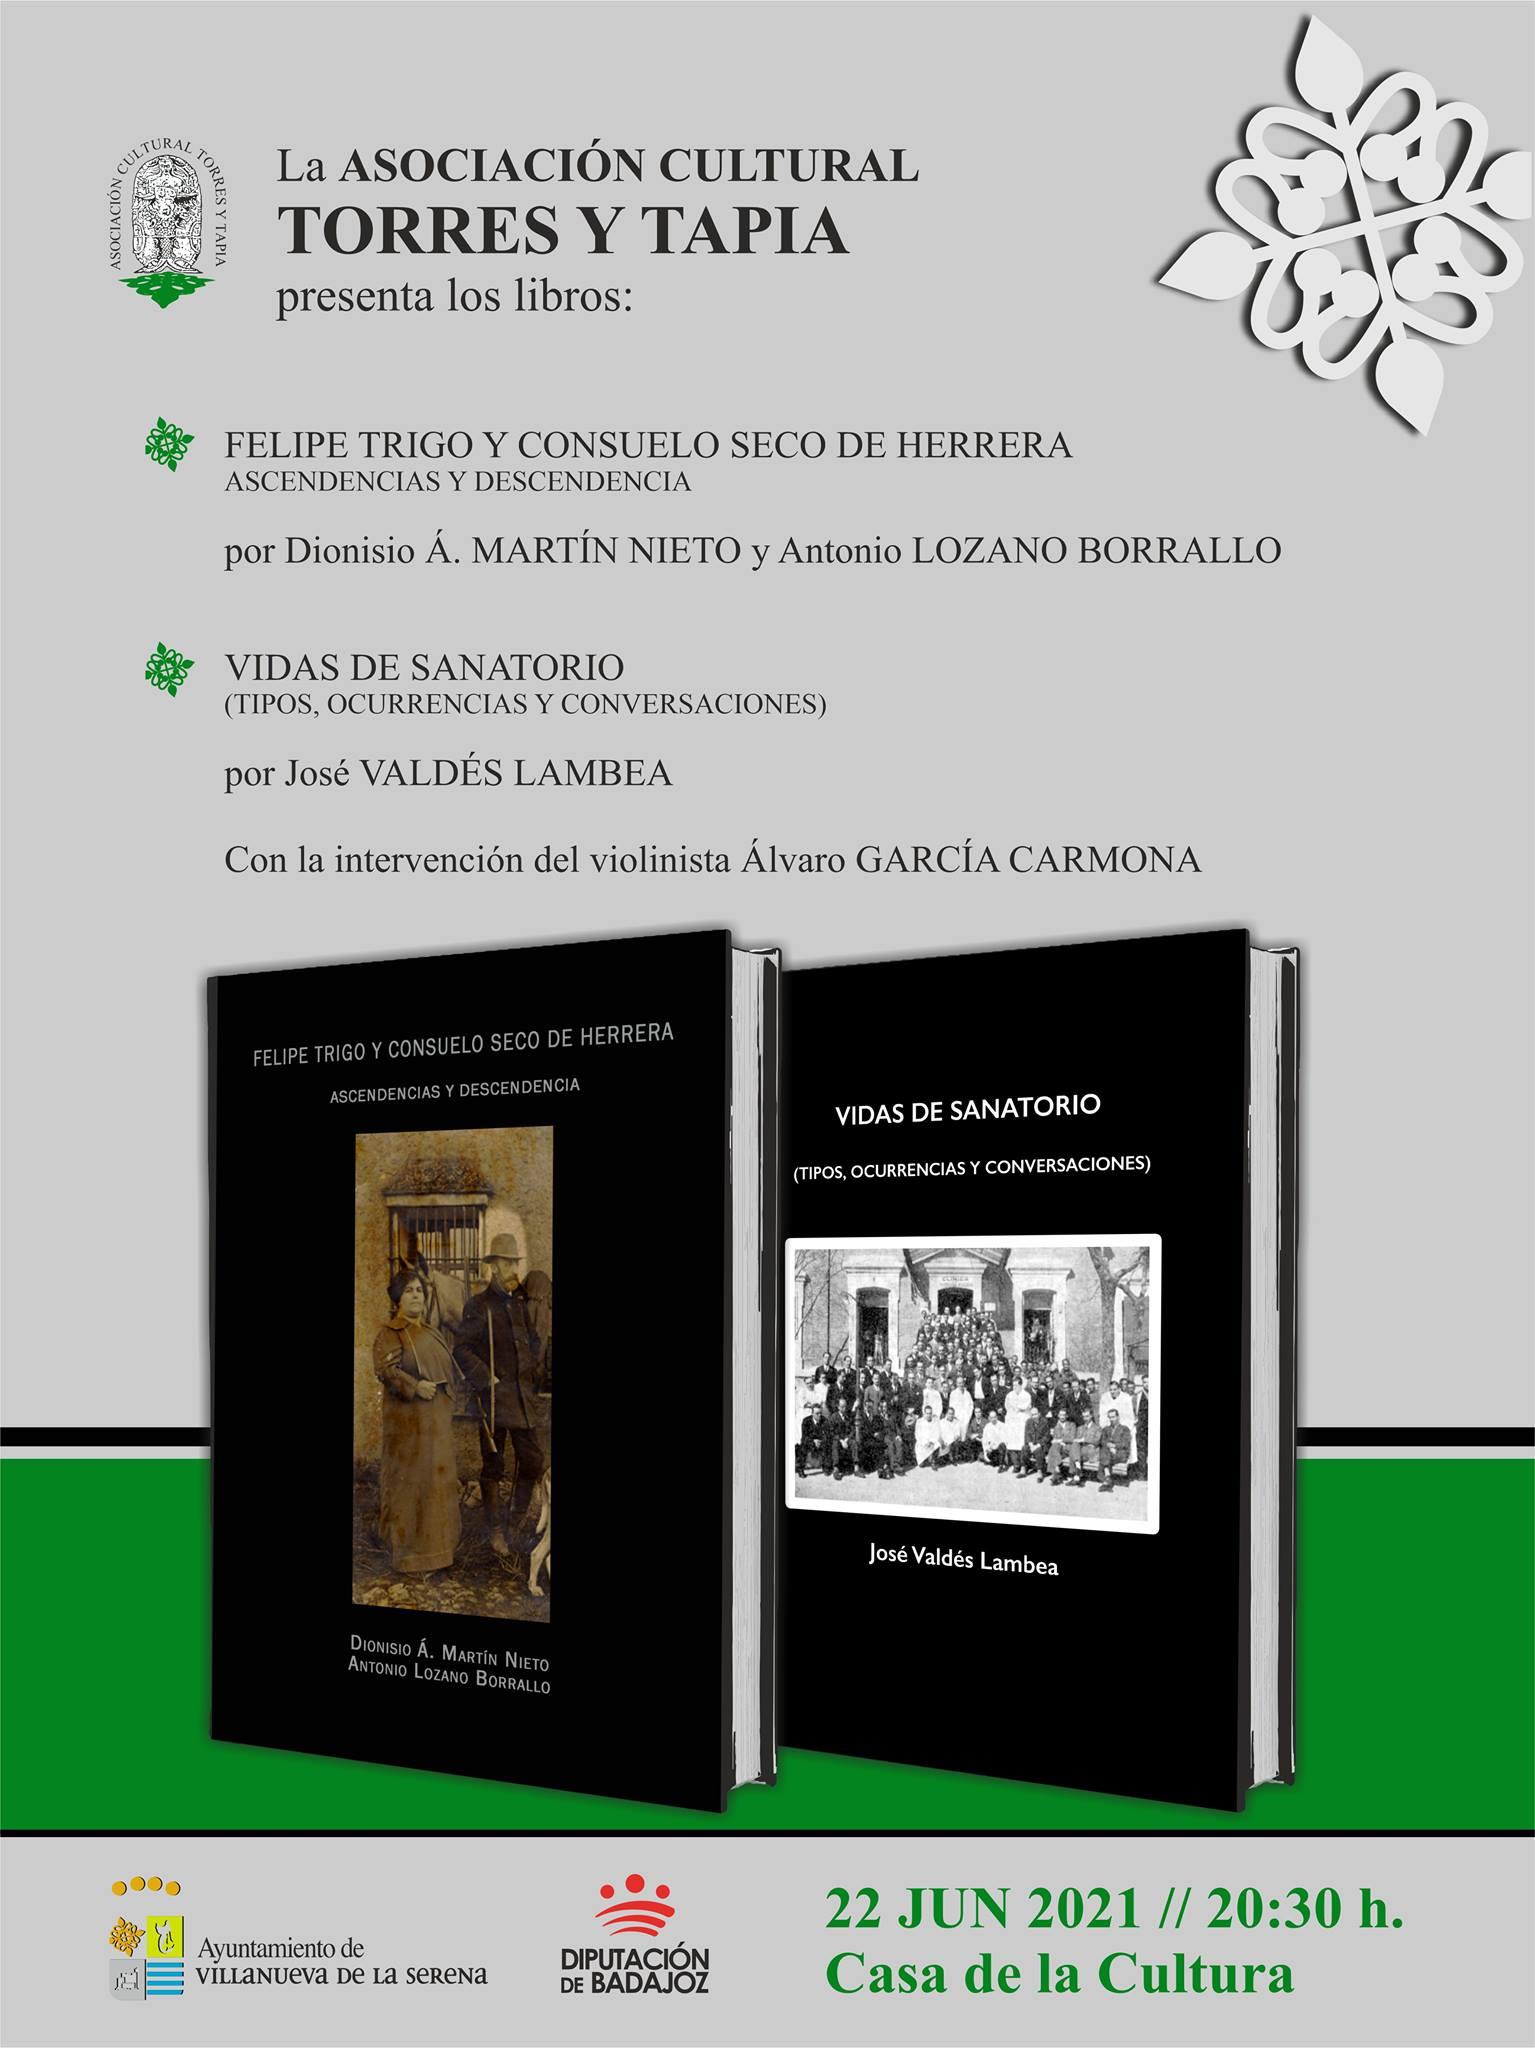 La Presentación libros de la Asociación Cultural Torres y Tapia